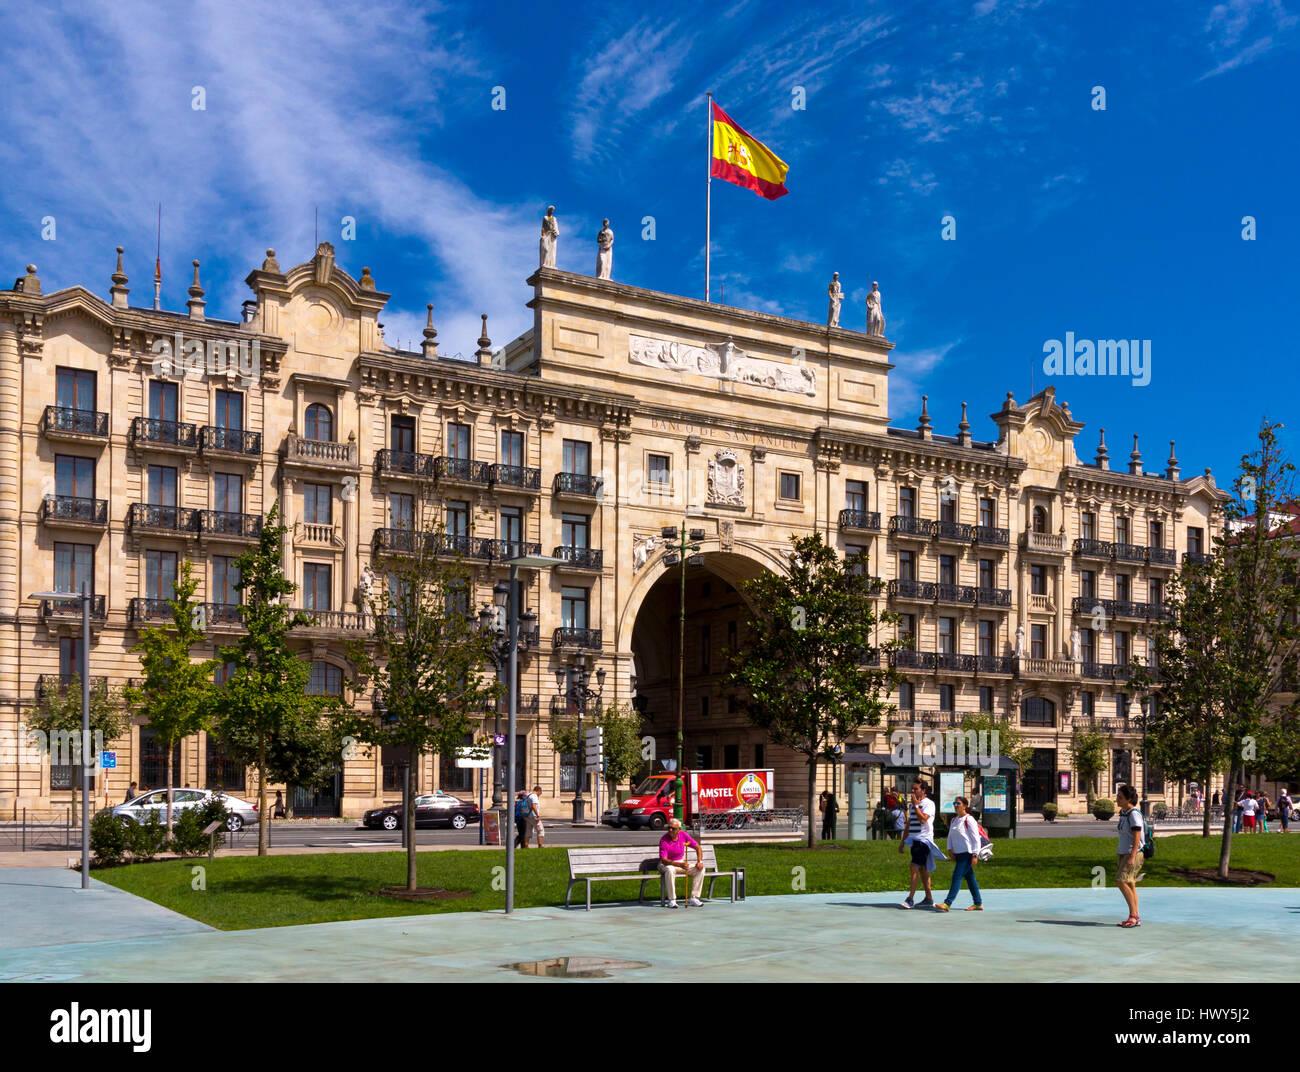 Banco central stock photos banco central stock images alamy - Casas de banco santander ...